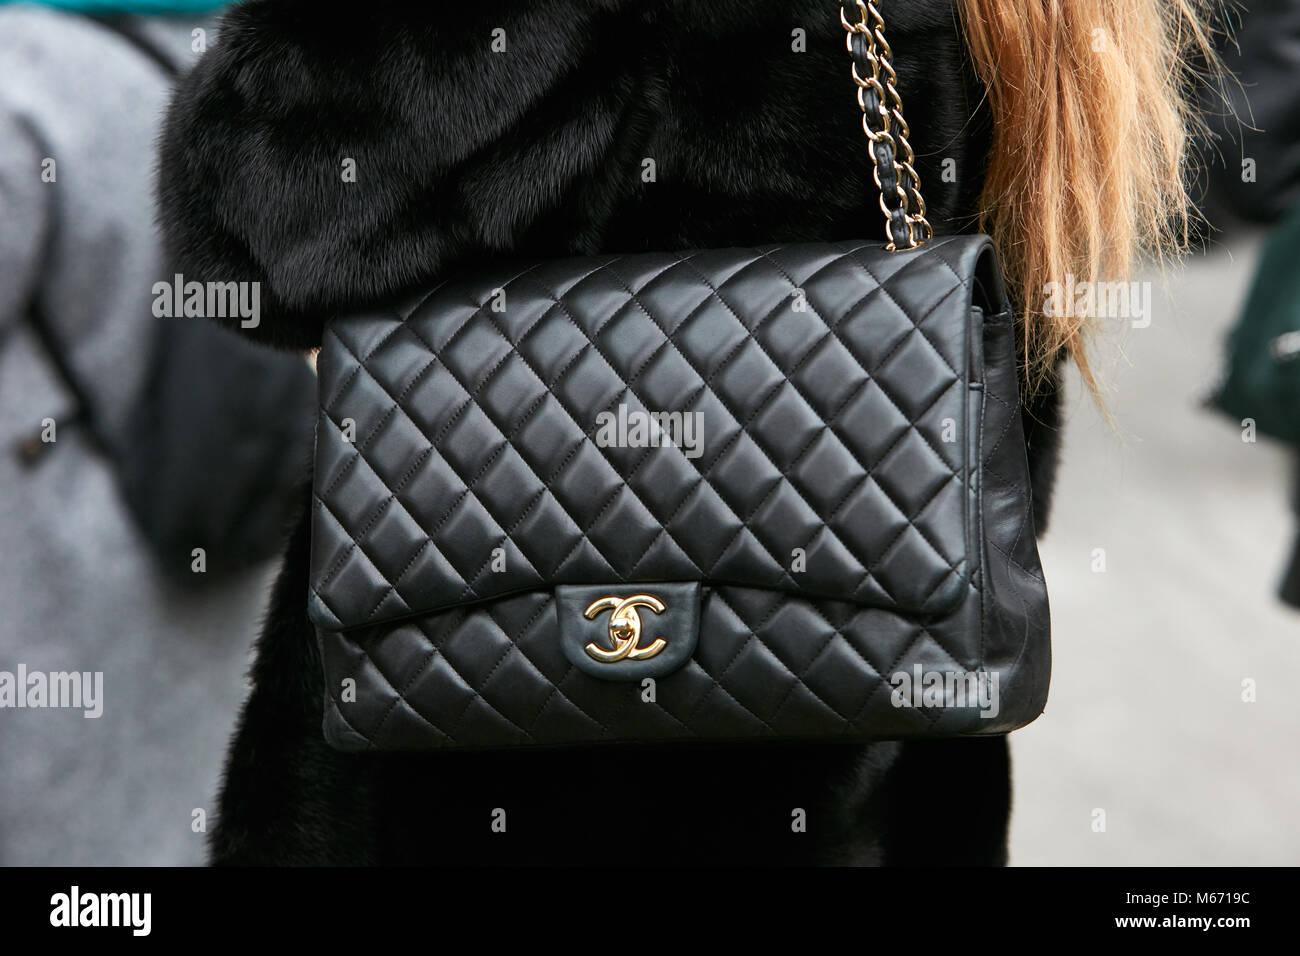 7ab6970584 Milano - 25 febbraio: Donna con nero Chanel borsa in pelle con catena  dorata e il logo prima di Emporio Armani fashion show, la Settimana della  Moda ...